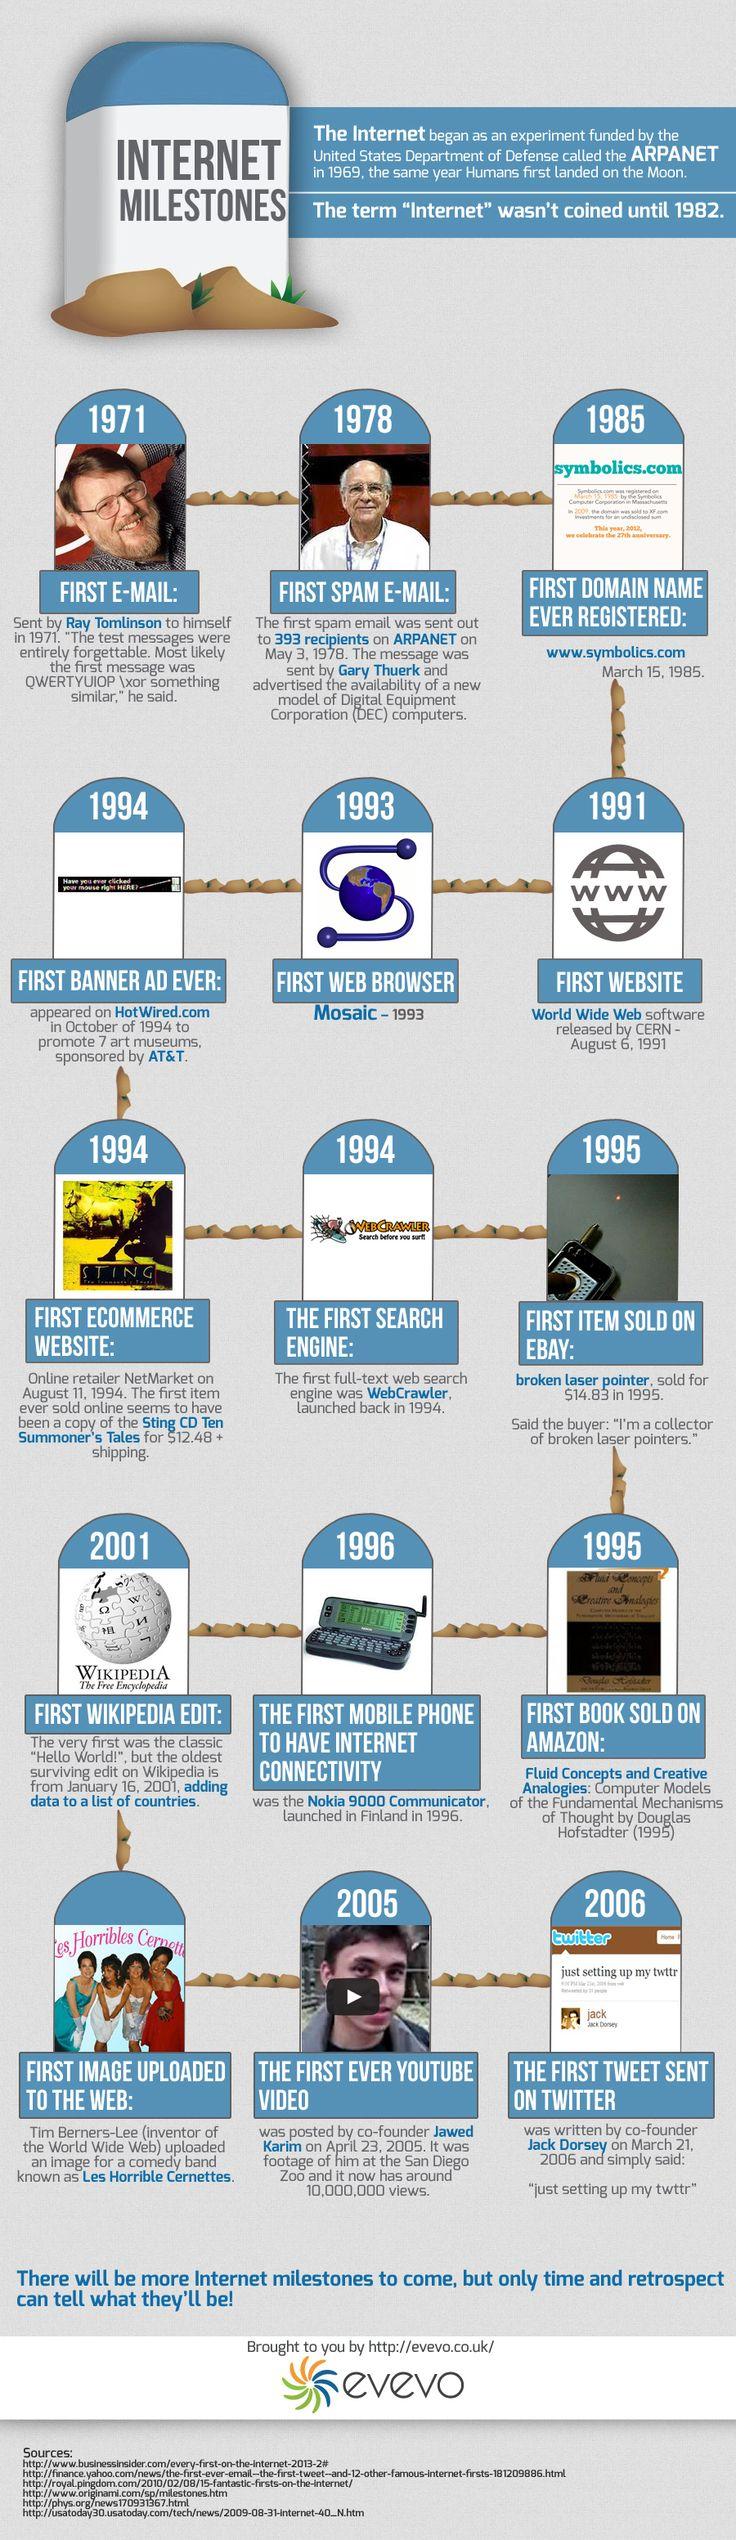 Internet milestones #infographic